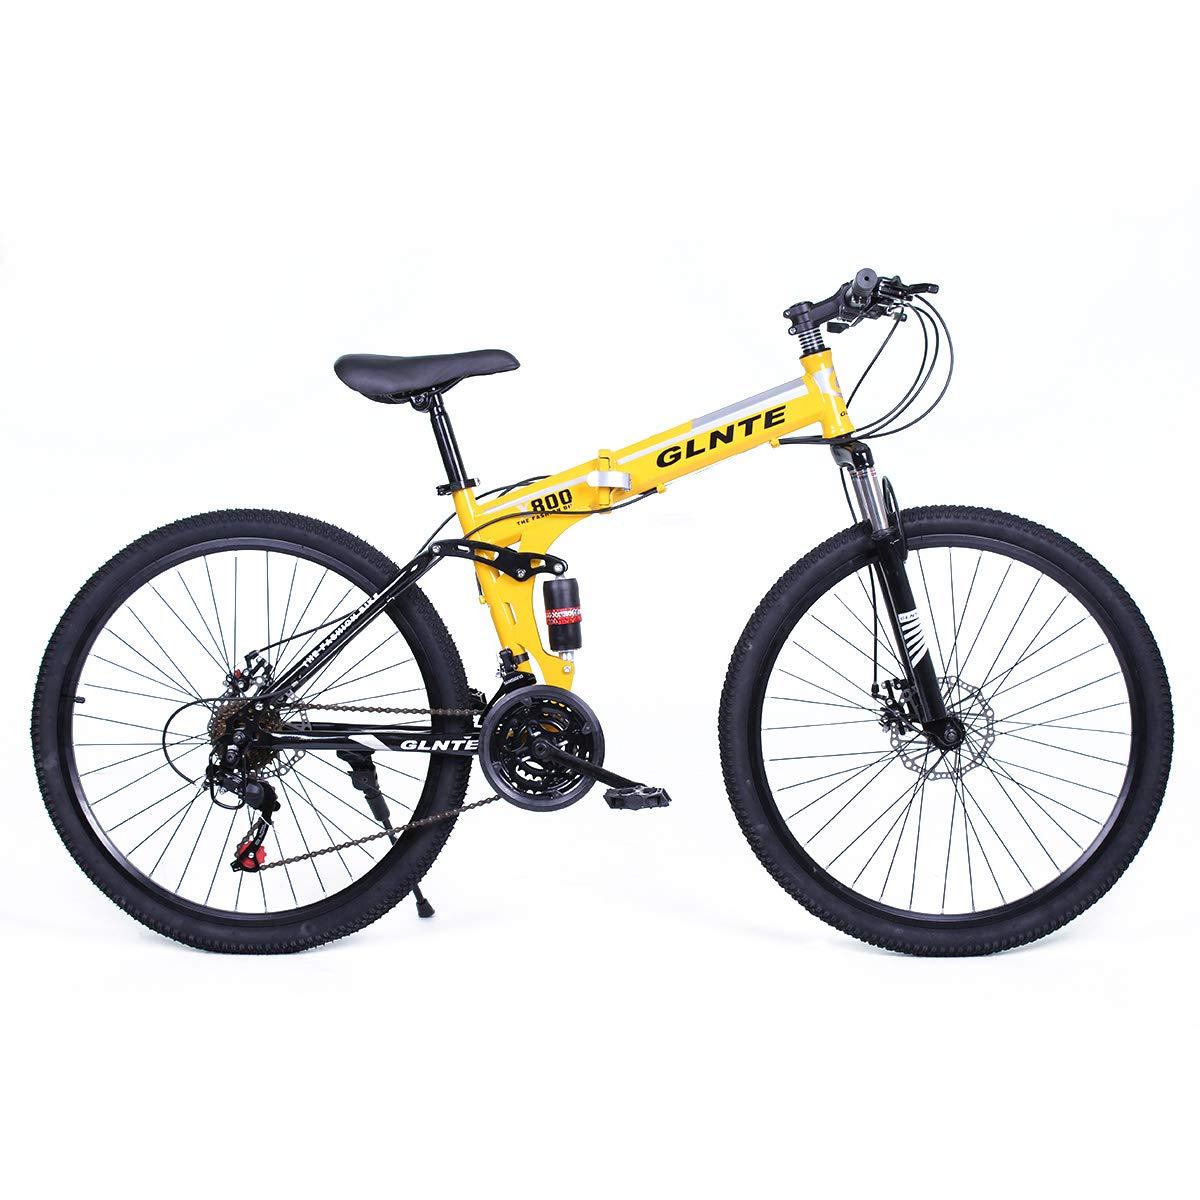 Riscko Bicicleta Mountain Bike Plegable de Aluminio Modelo Adventure con Amortiguador, Ruedas de 26'' y 21 Cambios Shimano (Amarillo - Negro) Grupo K-2